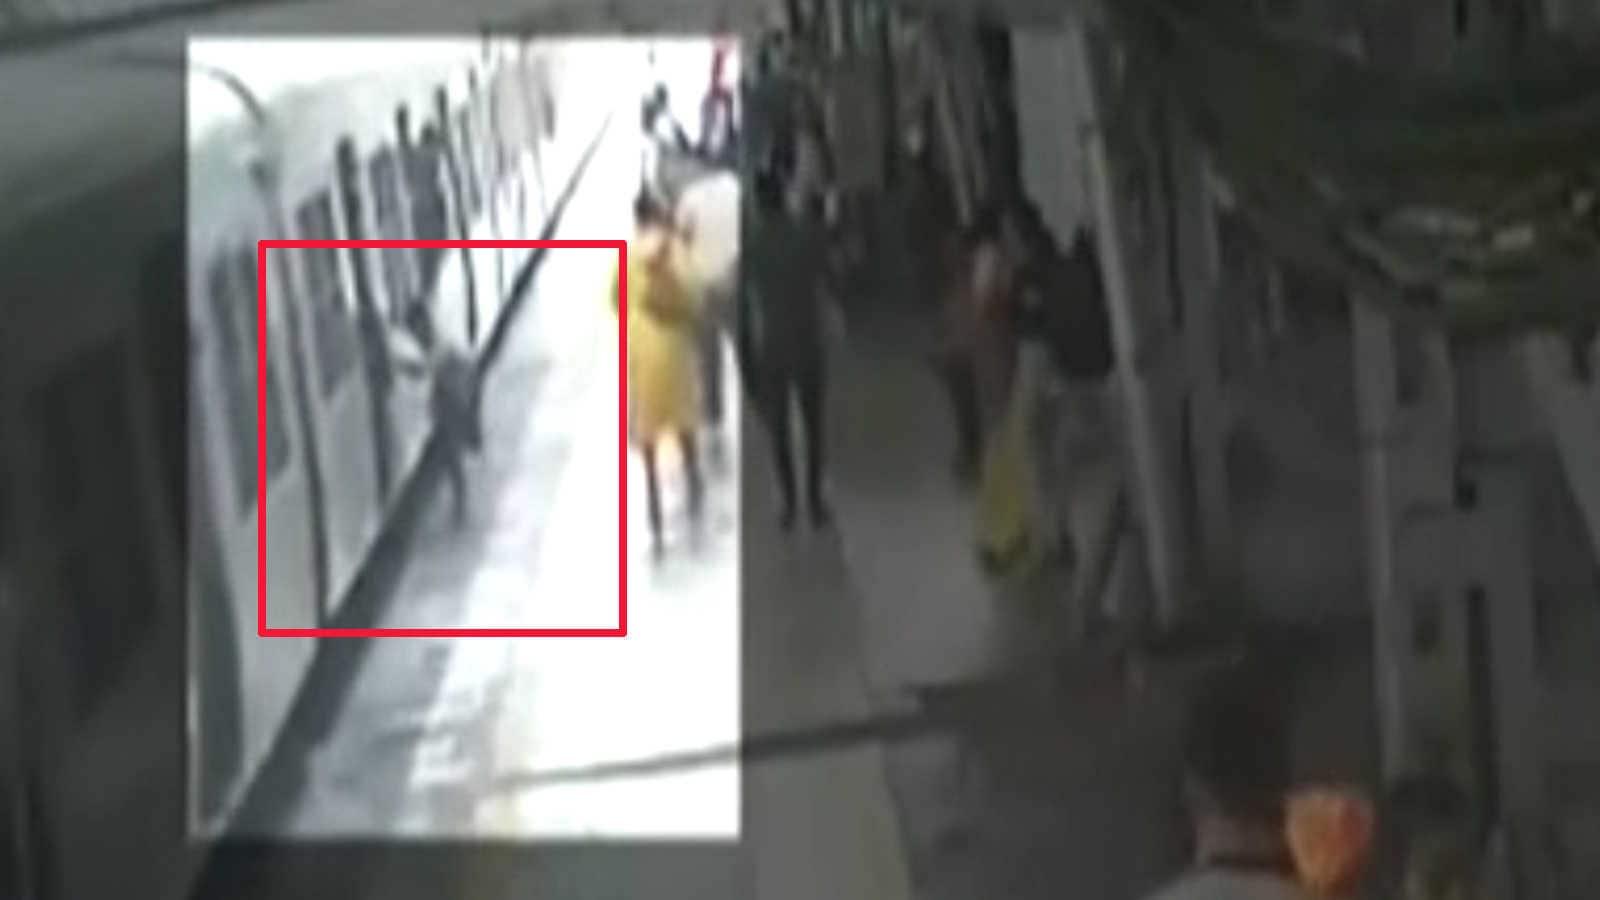 لحظه سقوط مسافر به داخل شکاف حین سوار شدن قطار! + فیلم